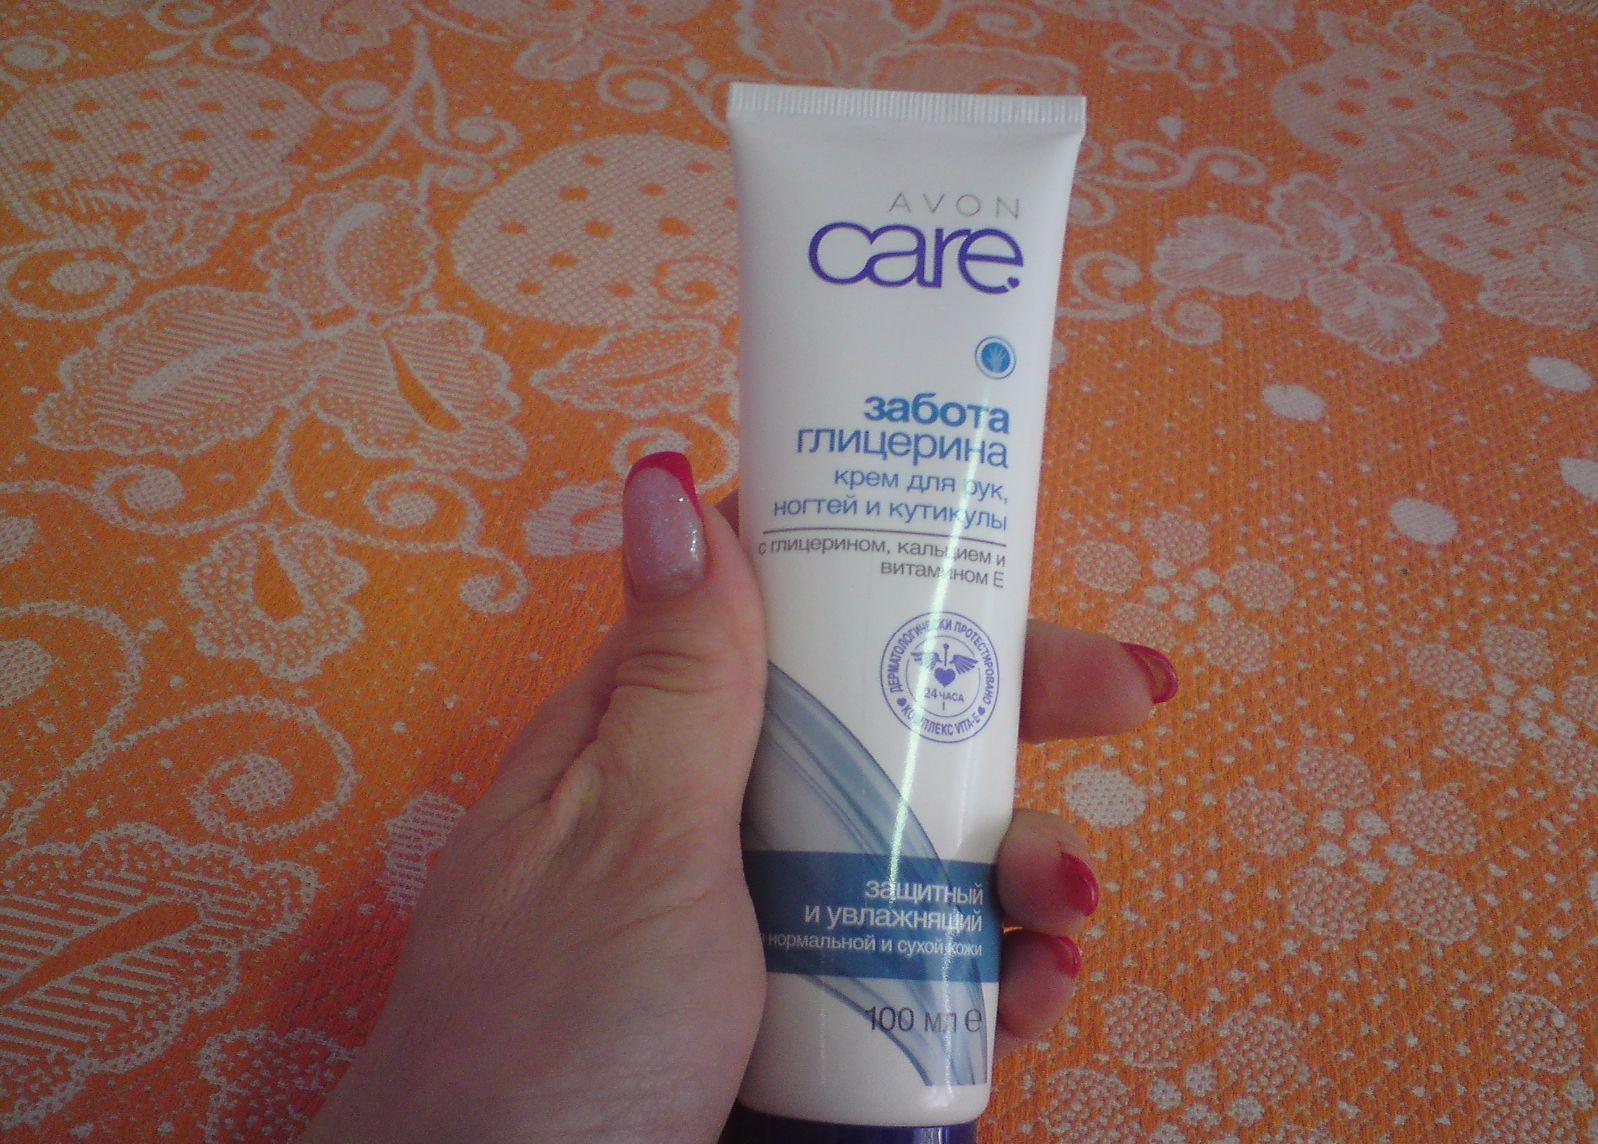 Как сделать домашние кремы для лица: от морщин, увлажняющие, омоложивающие 100